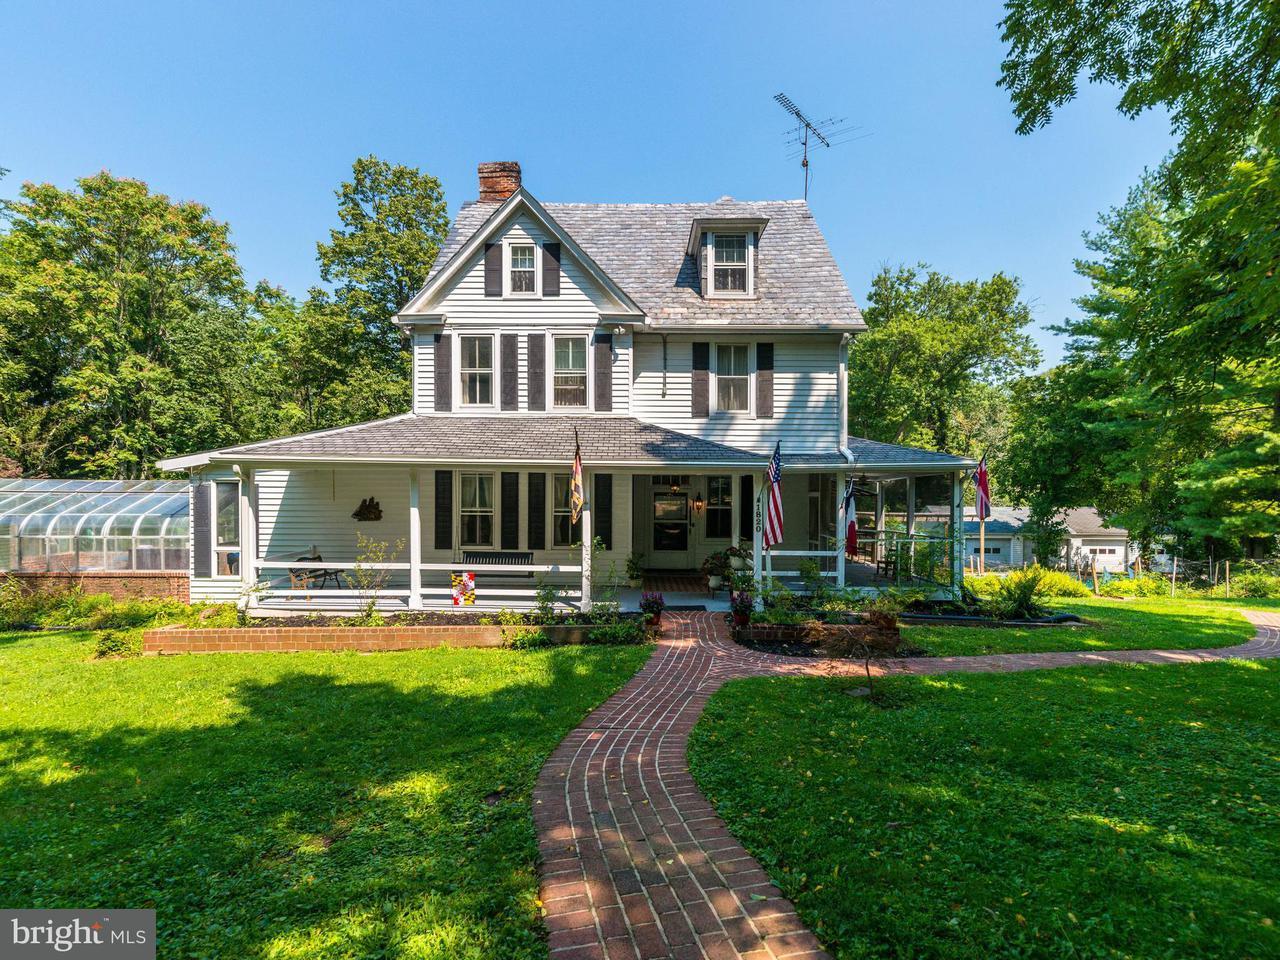 Частный односемейный дом для того Продажа на 1820 Cottage Lane 1820 Cottage Lane Stevenson, Мэриленд 21153 Соединенные Штаты